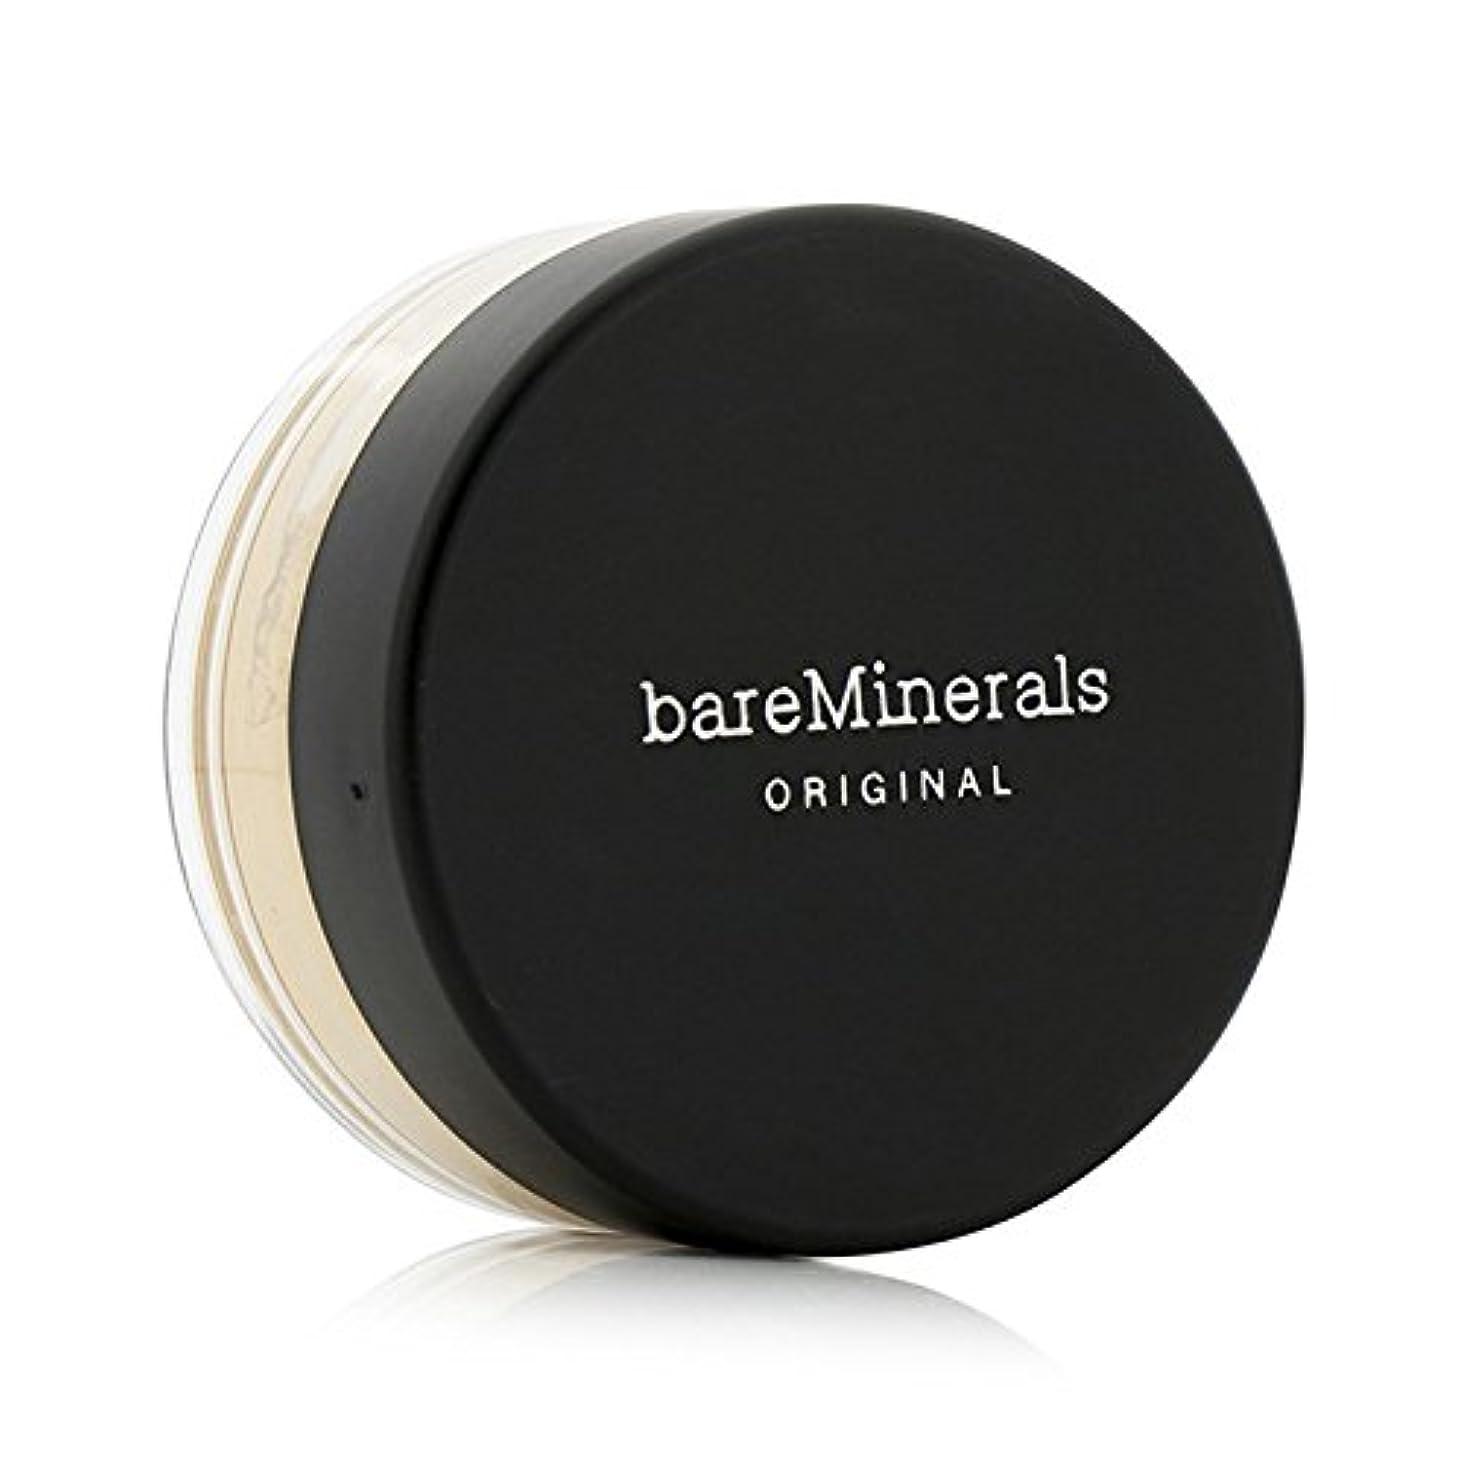 サミュエル毎回名前でBareMinerals ベアミネラルオリジナル SPF 15 ファンデーション - # Light 8g/0.28oz[並行輸入品]